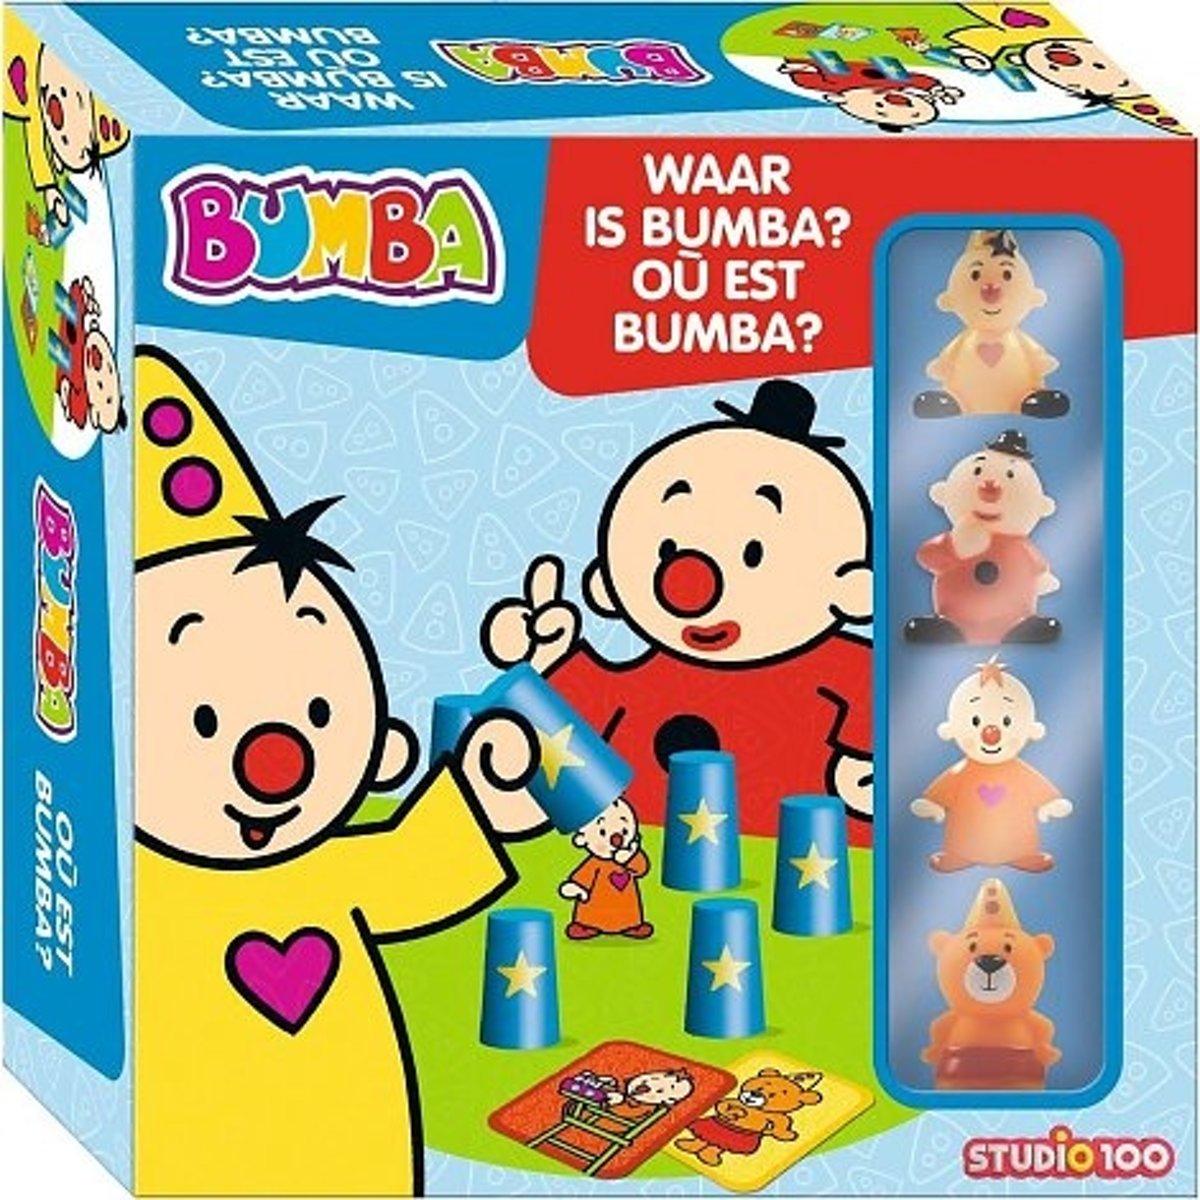 Bumba: Spel - Waar is Bumba ?